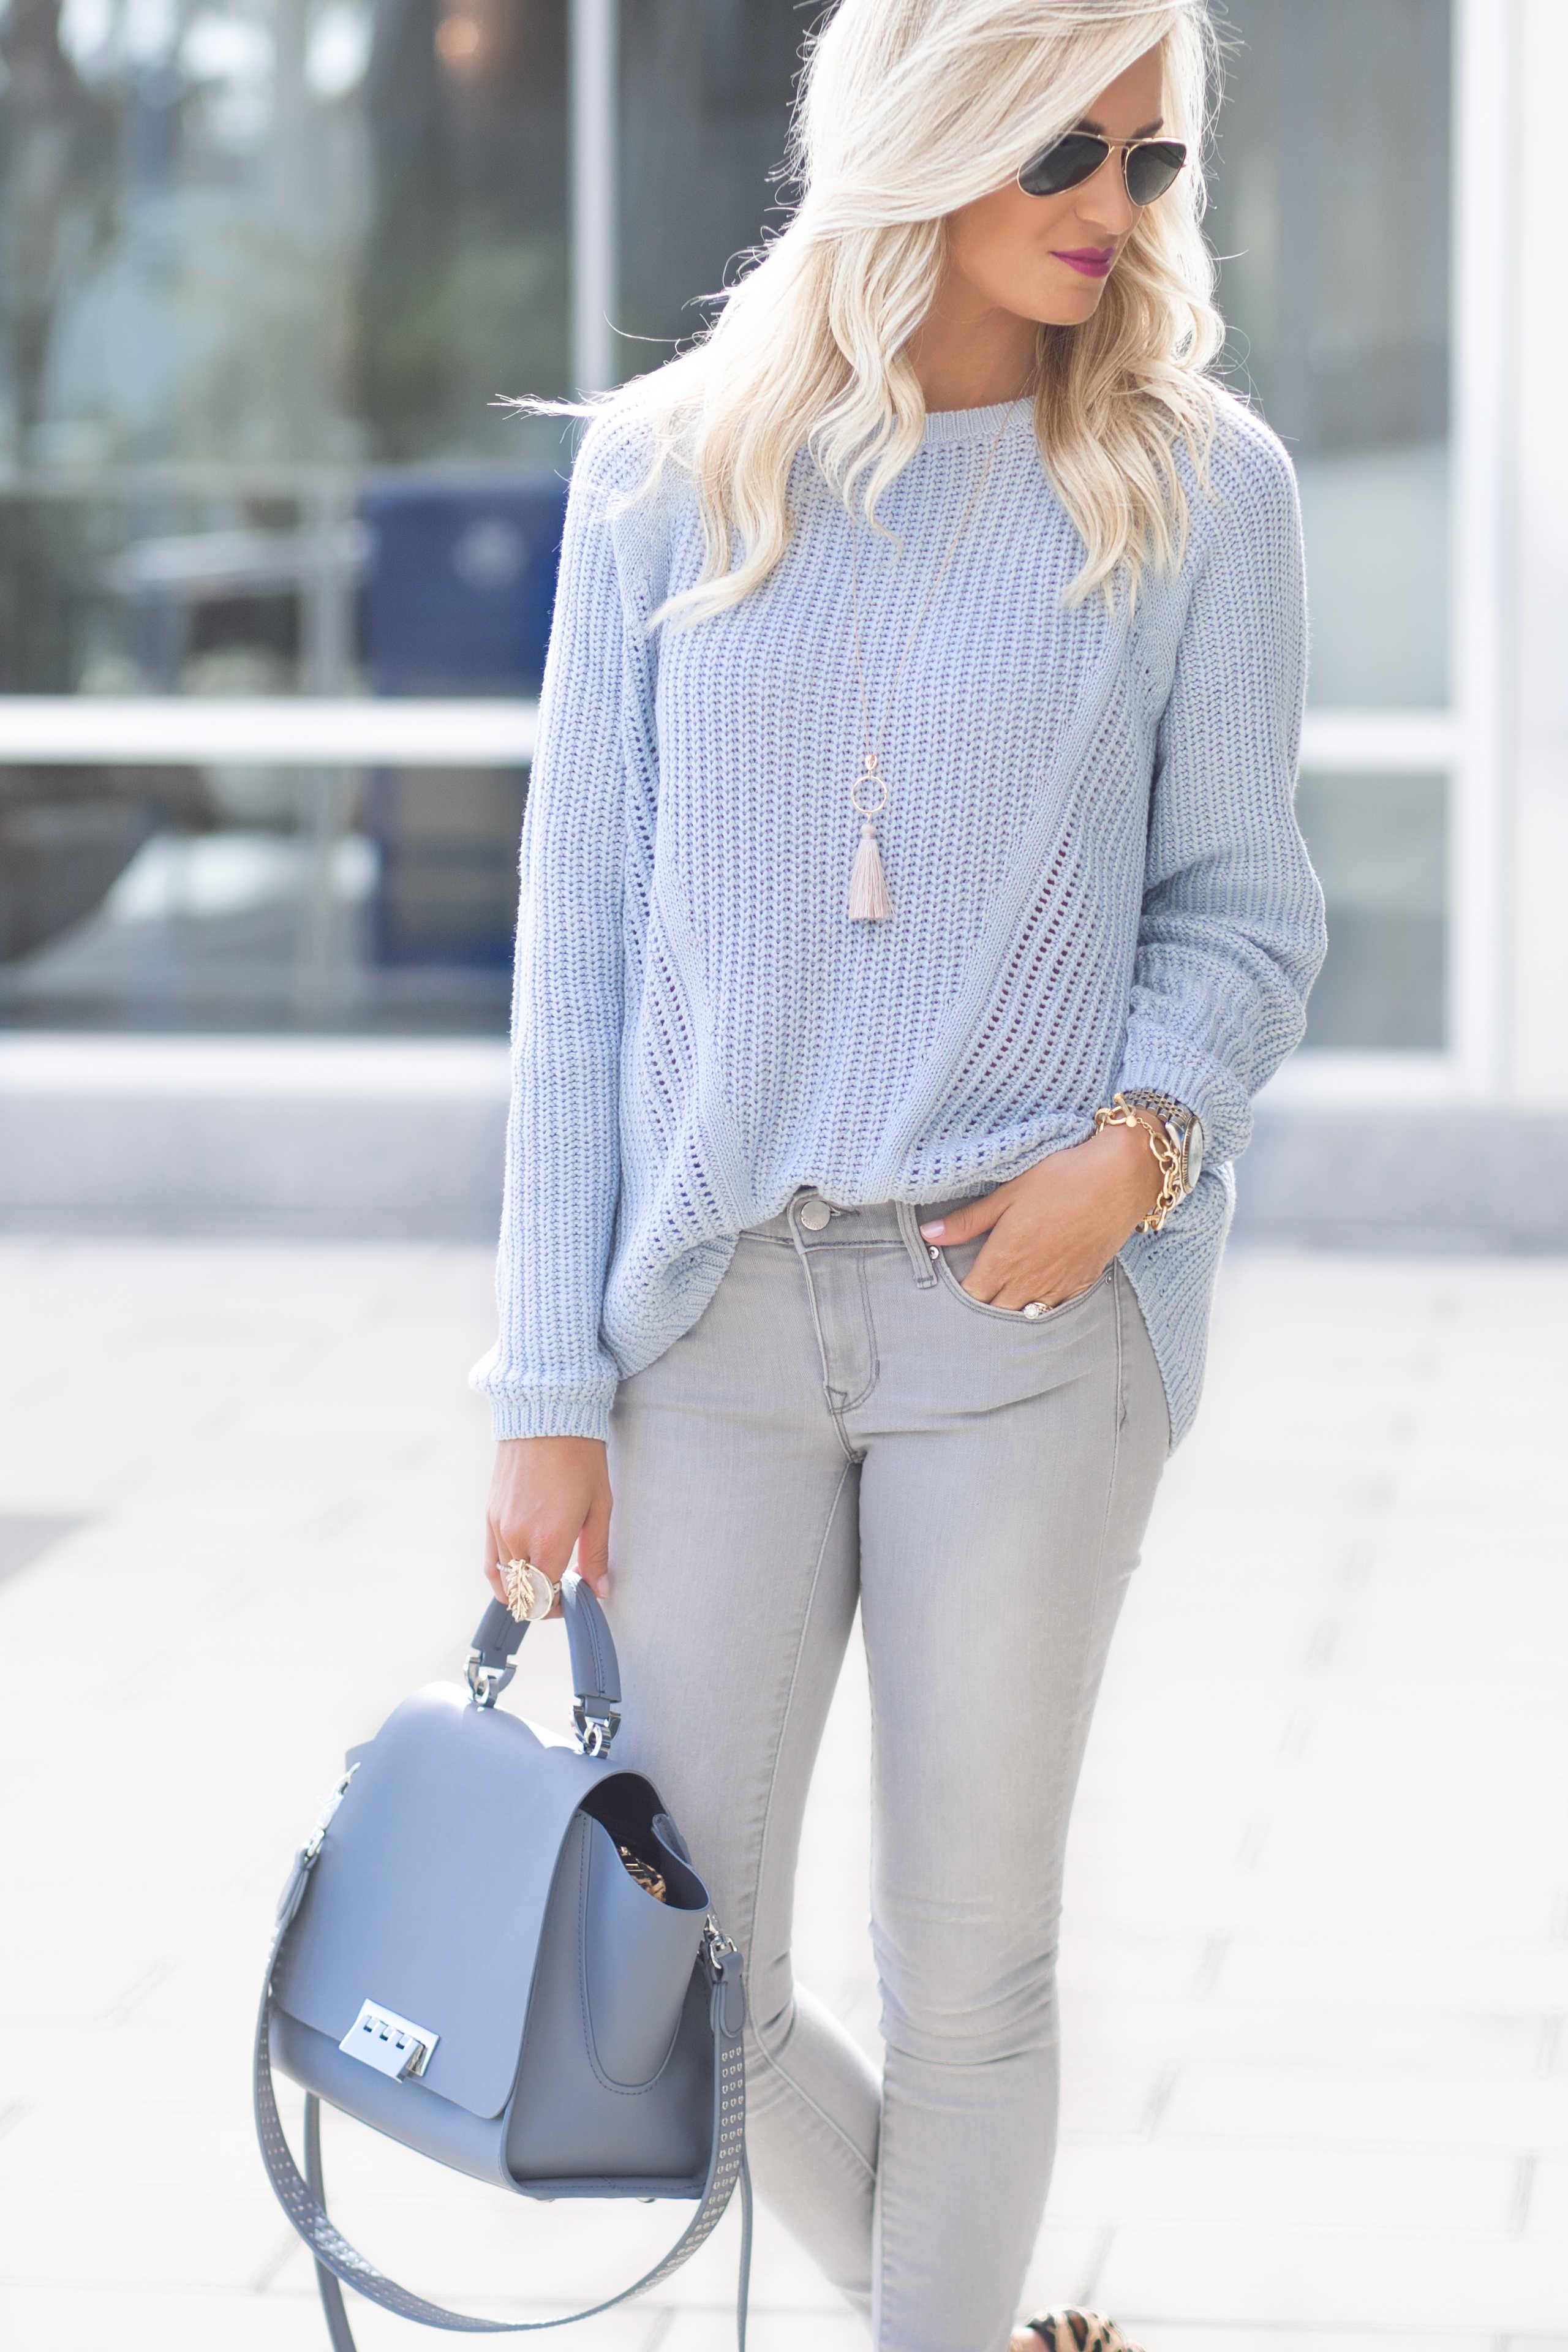 Blue Knit Sweater + Leopard Shoes - Mckenna Bleu